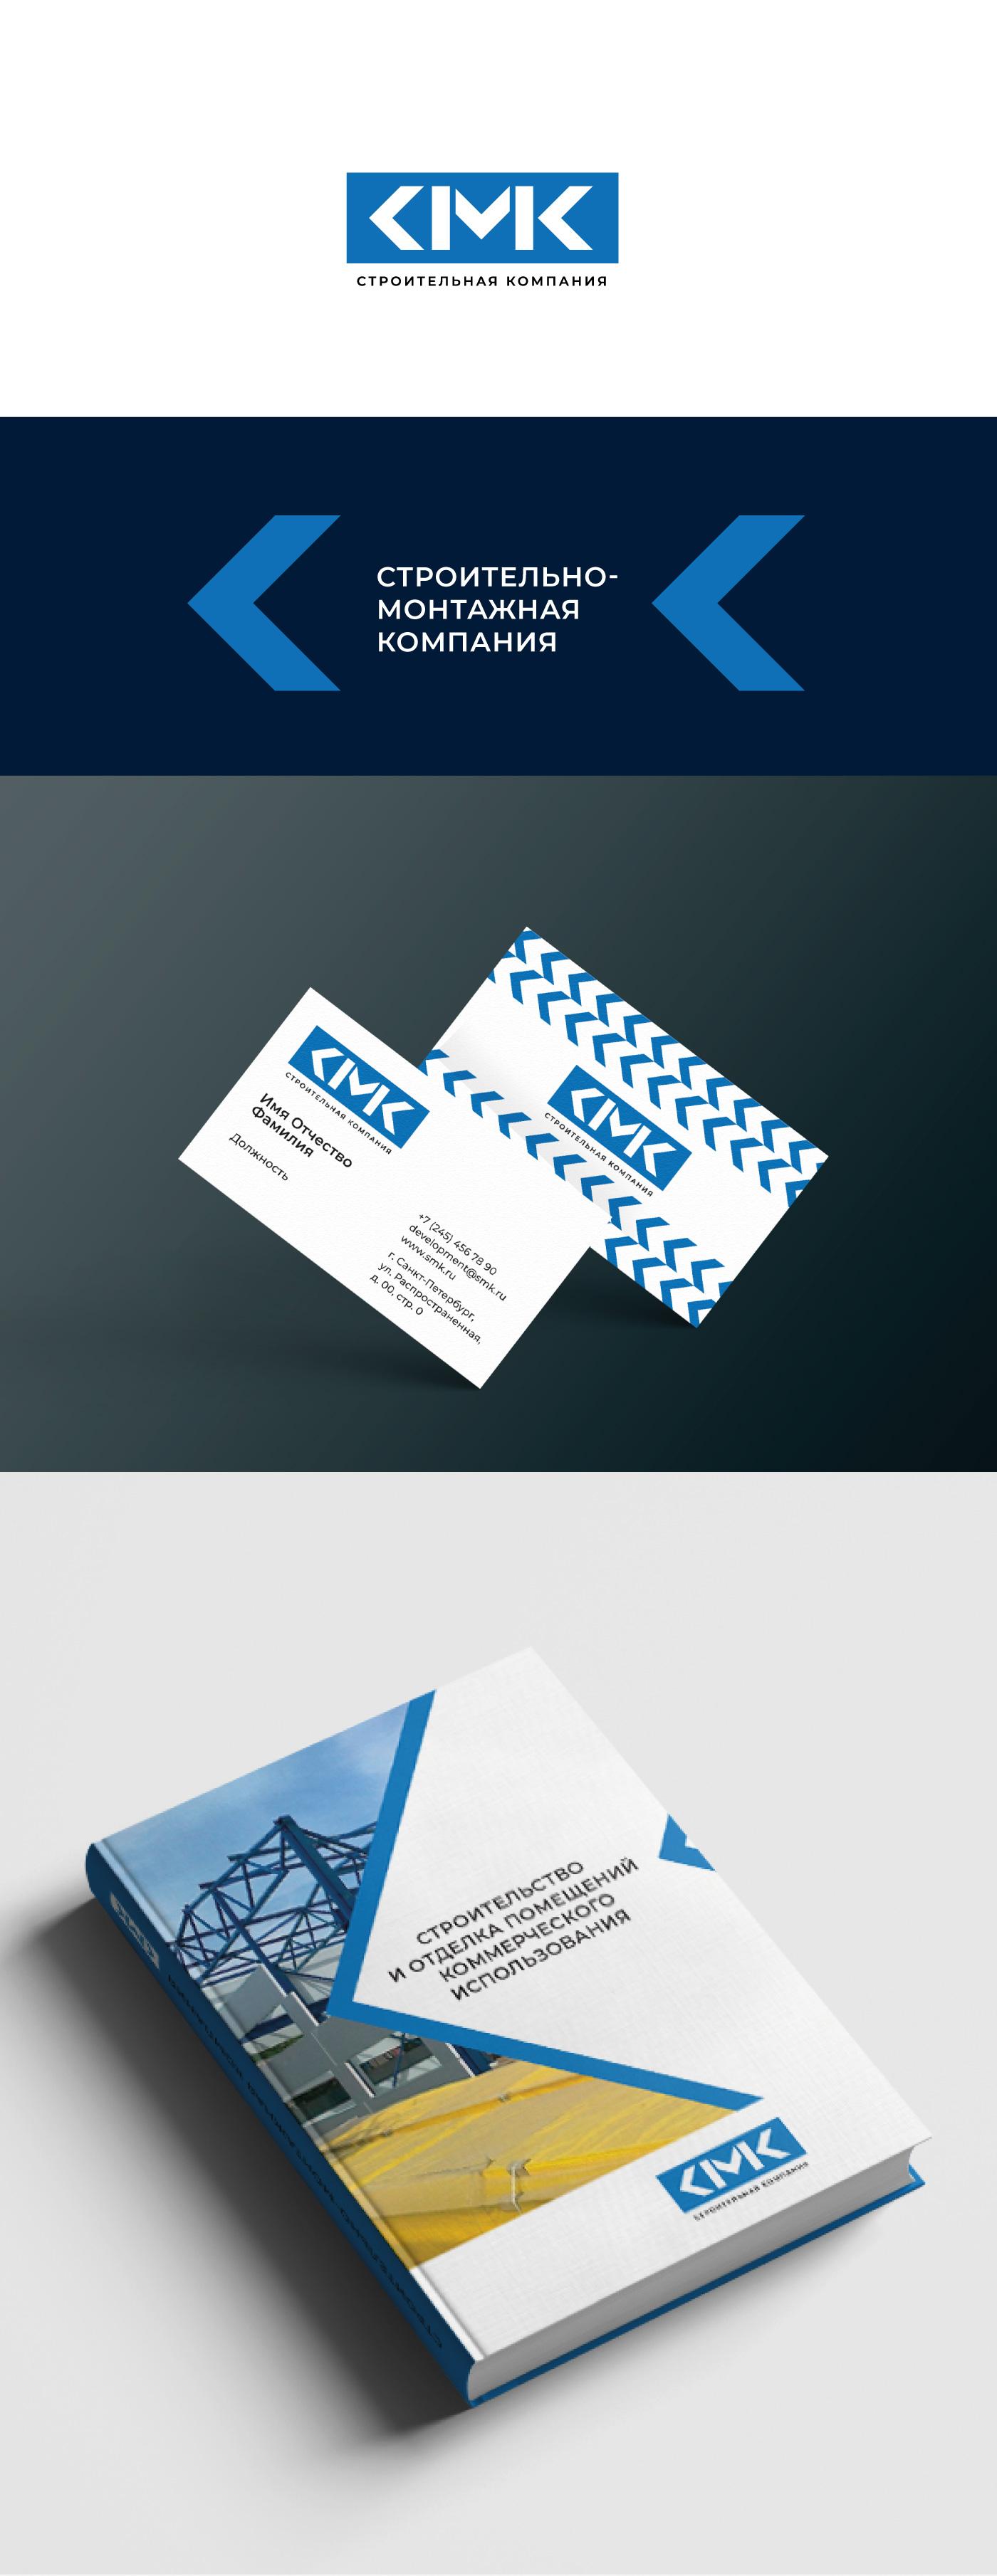 Разработка логотипа компании фото f_8105dc5ad728a0ab.jpg